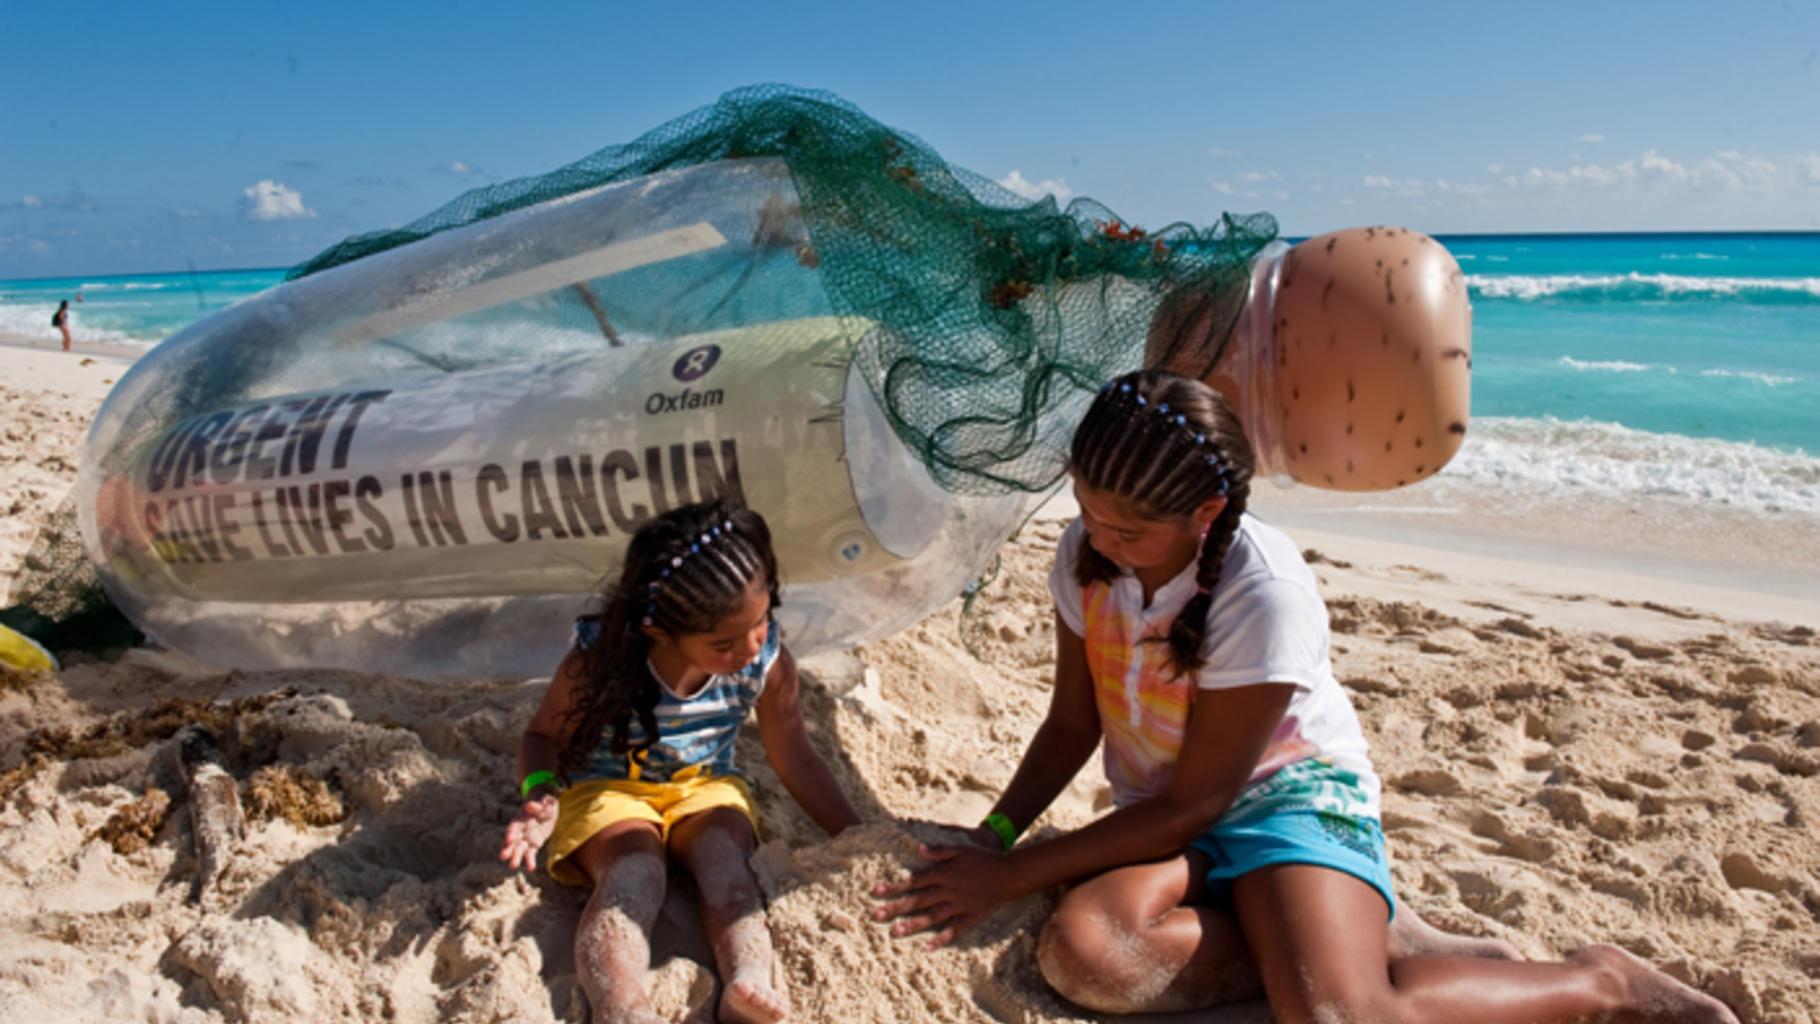 Am Strand von Cancún wird eine riesige Flaschenpost angeschwemmt mit der Nachric